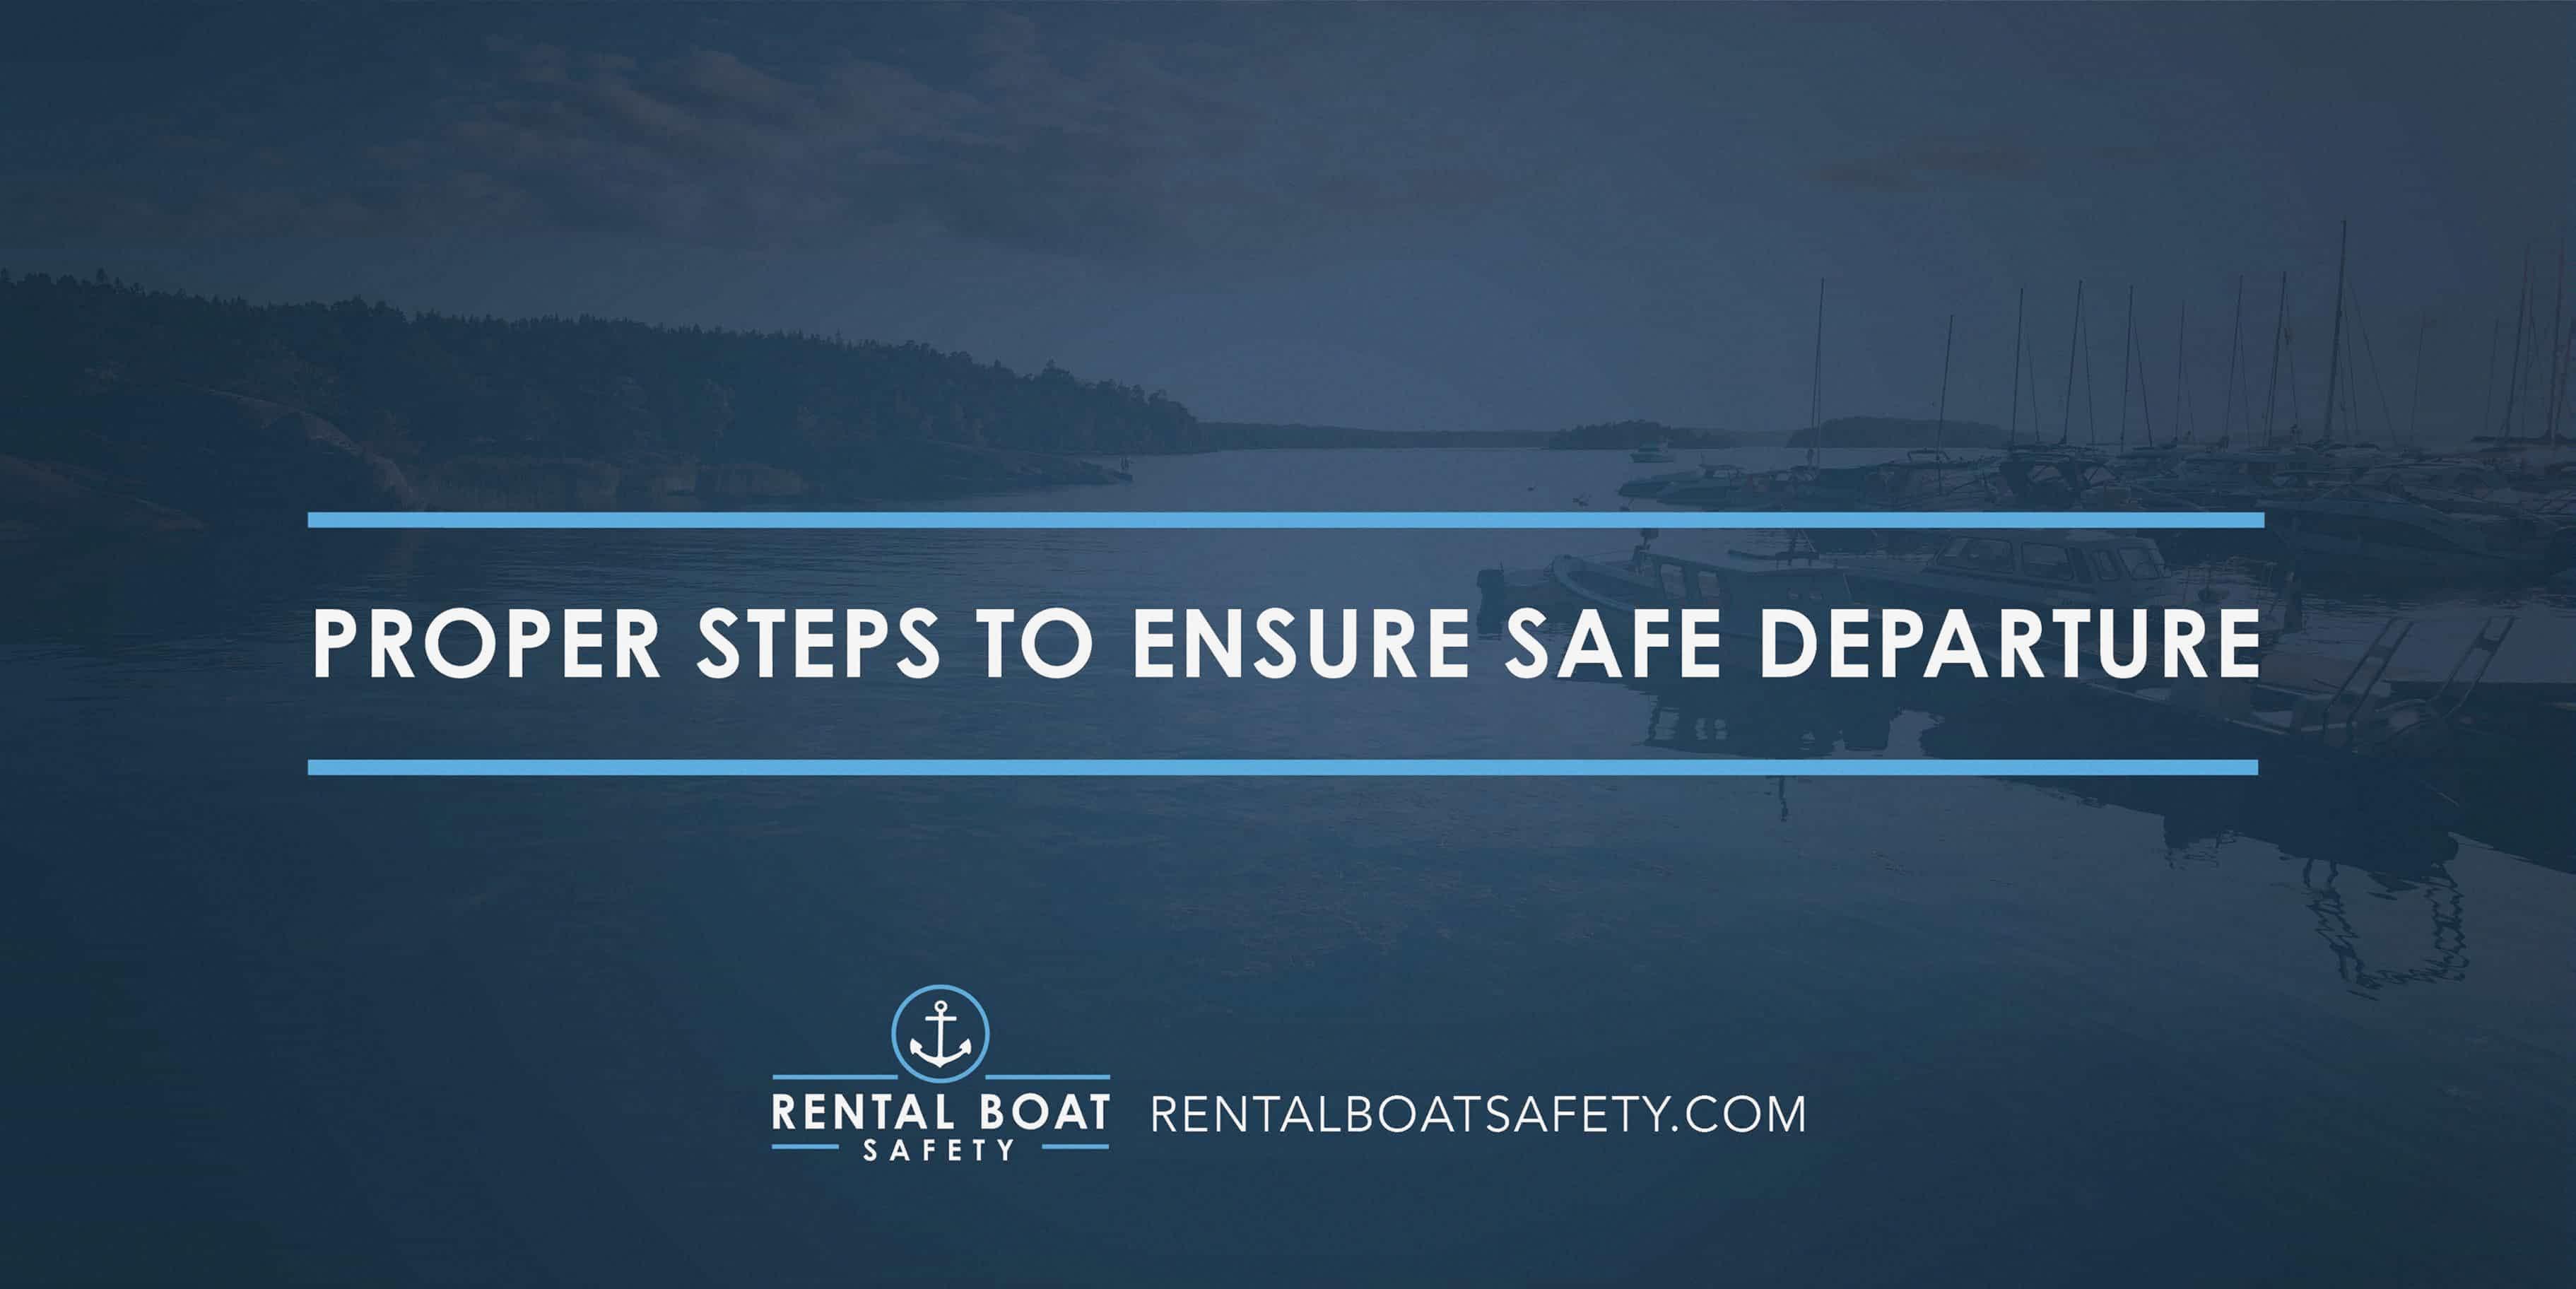 Proper Steps to Ensure Safe Departure